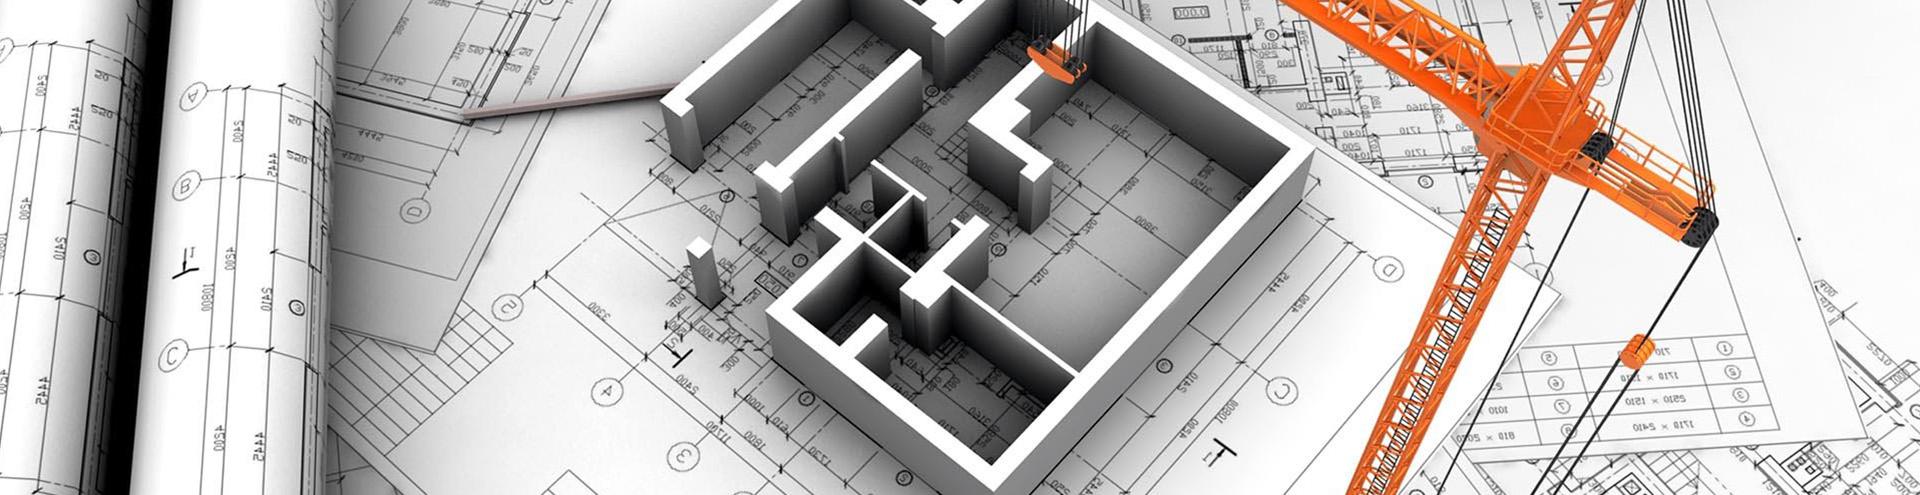 Получение разрешения на реконструкцию здания в Ижевске и Удмуртской Республике